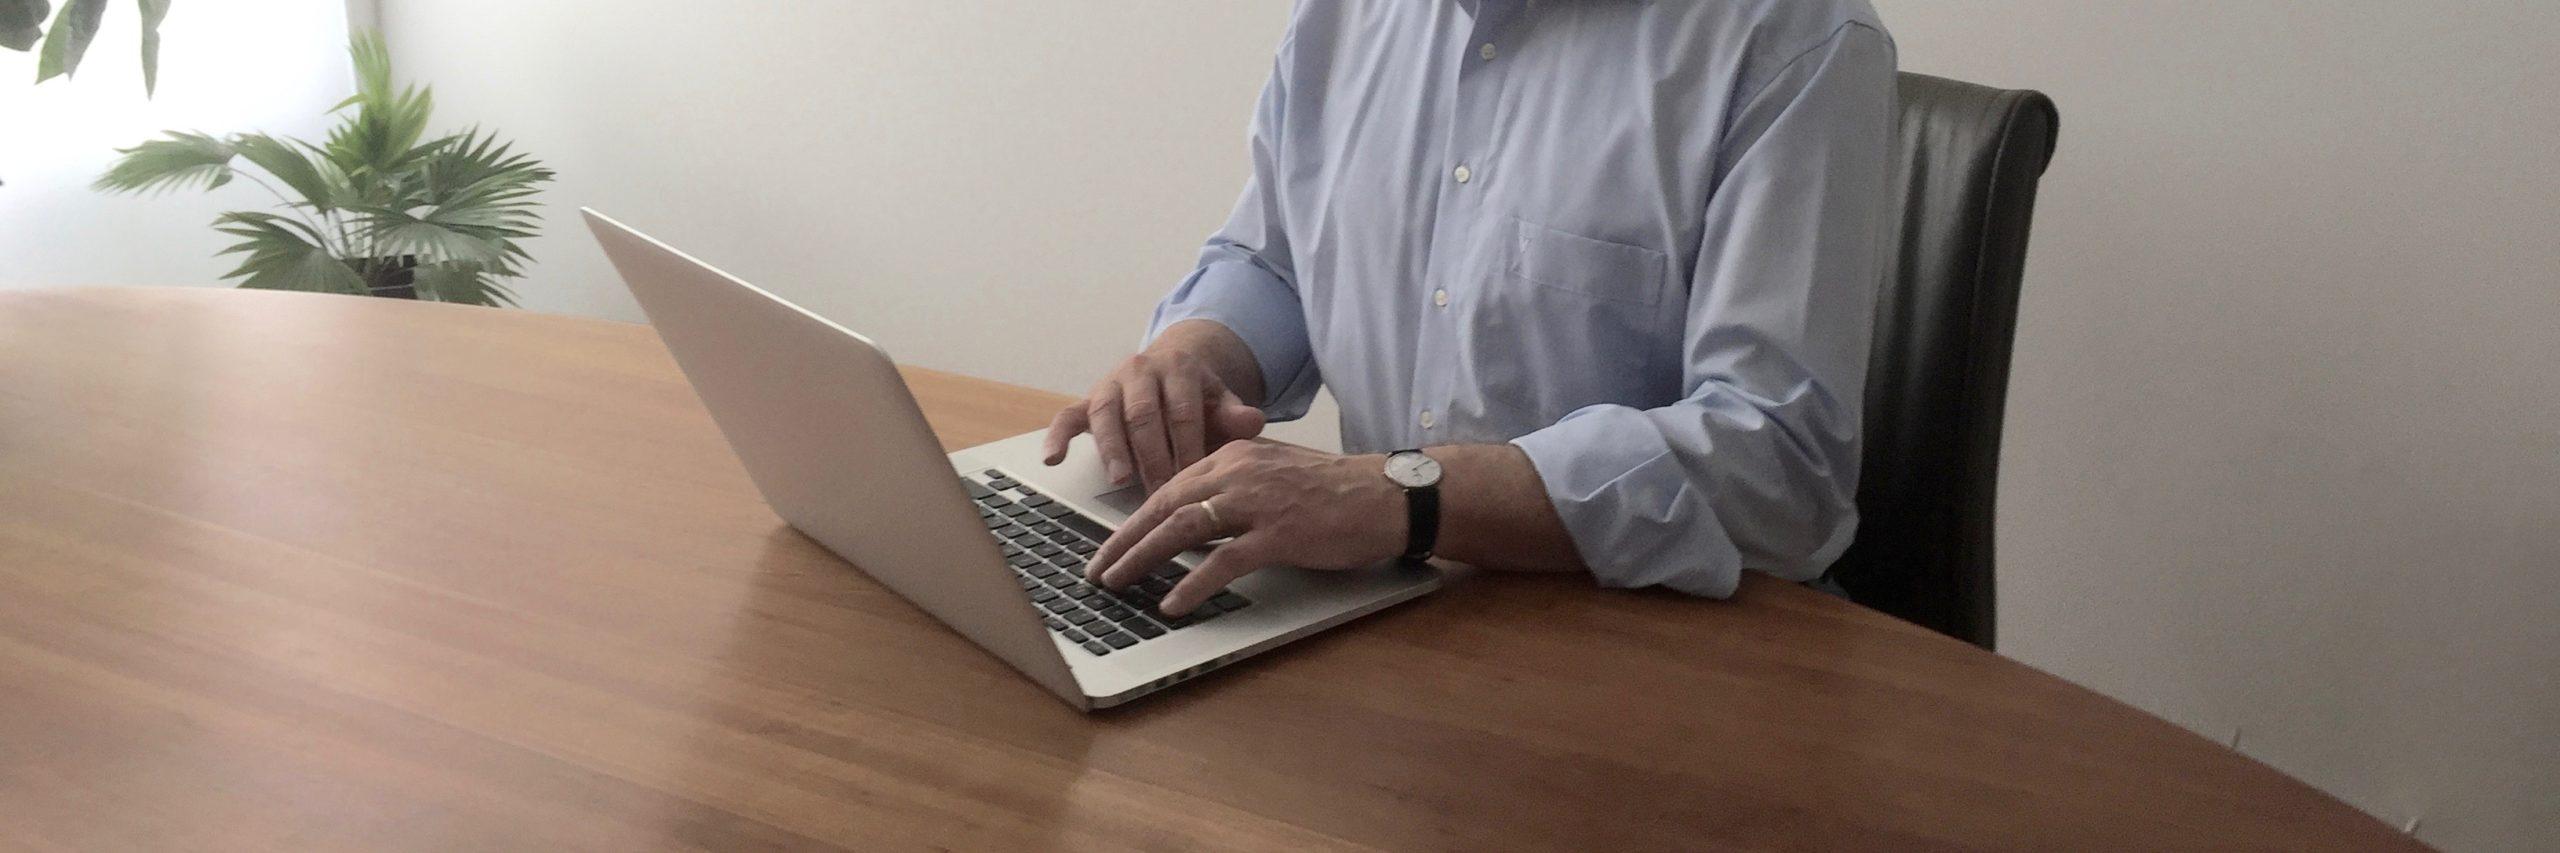 Kunde am Schreibtisch vorm Computer - als Symbol für: Termin online buchen